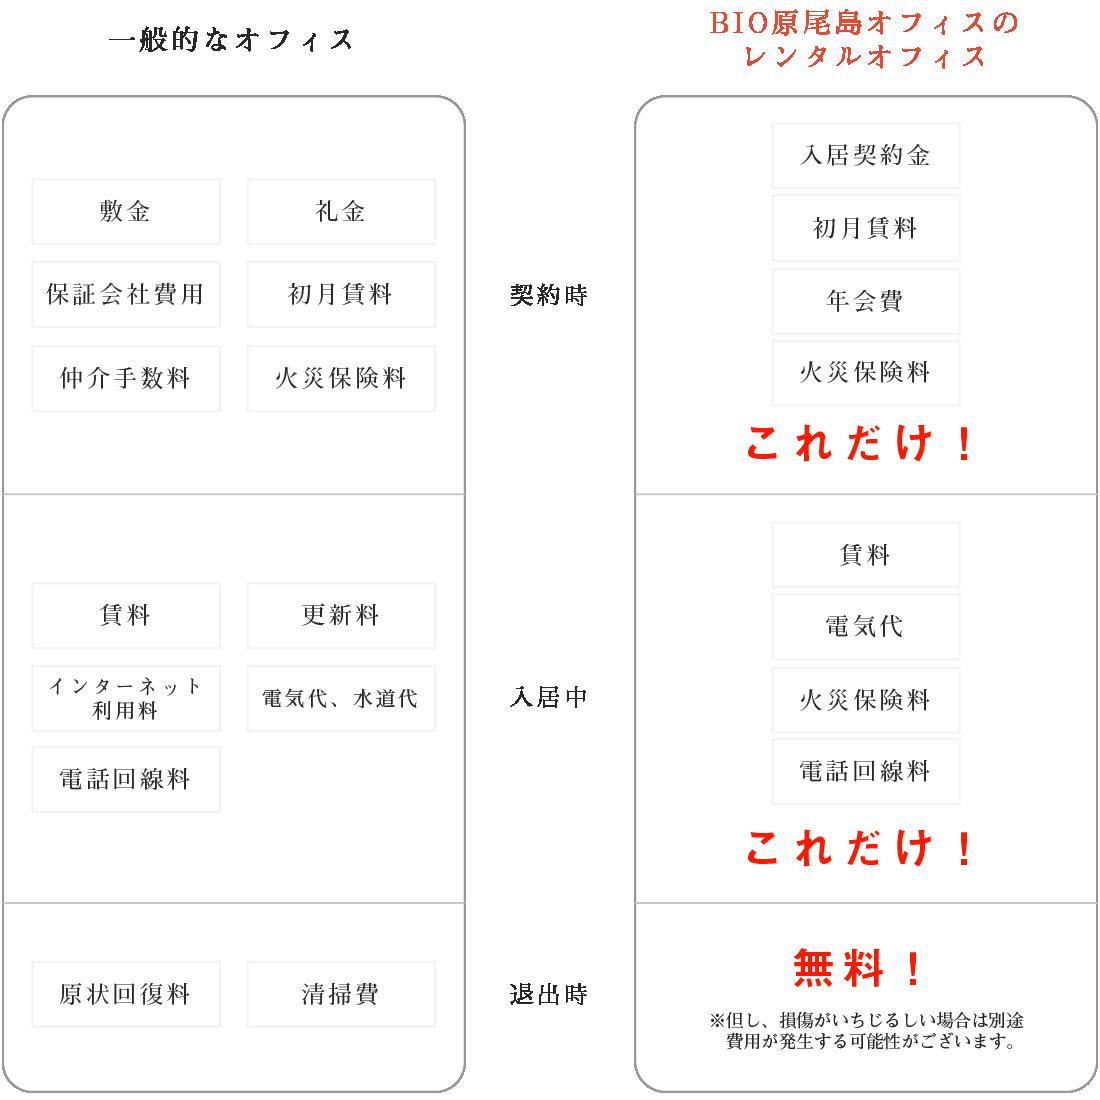 BIO原尾島オフィスのレンタルオフィス